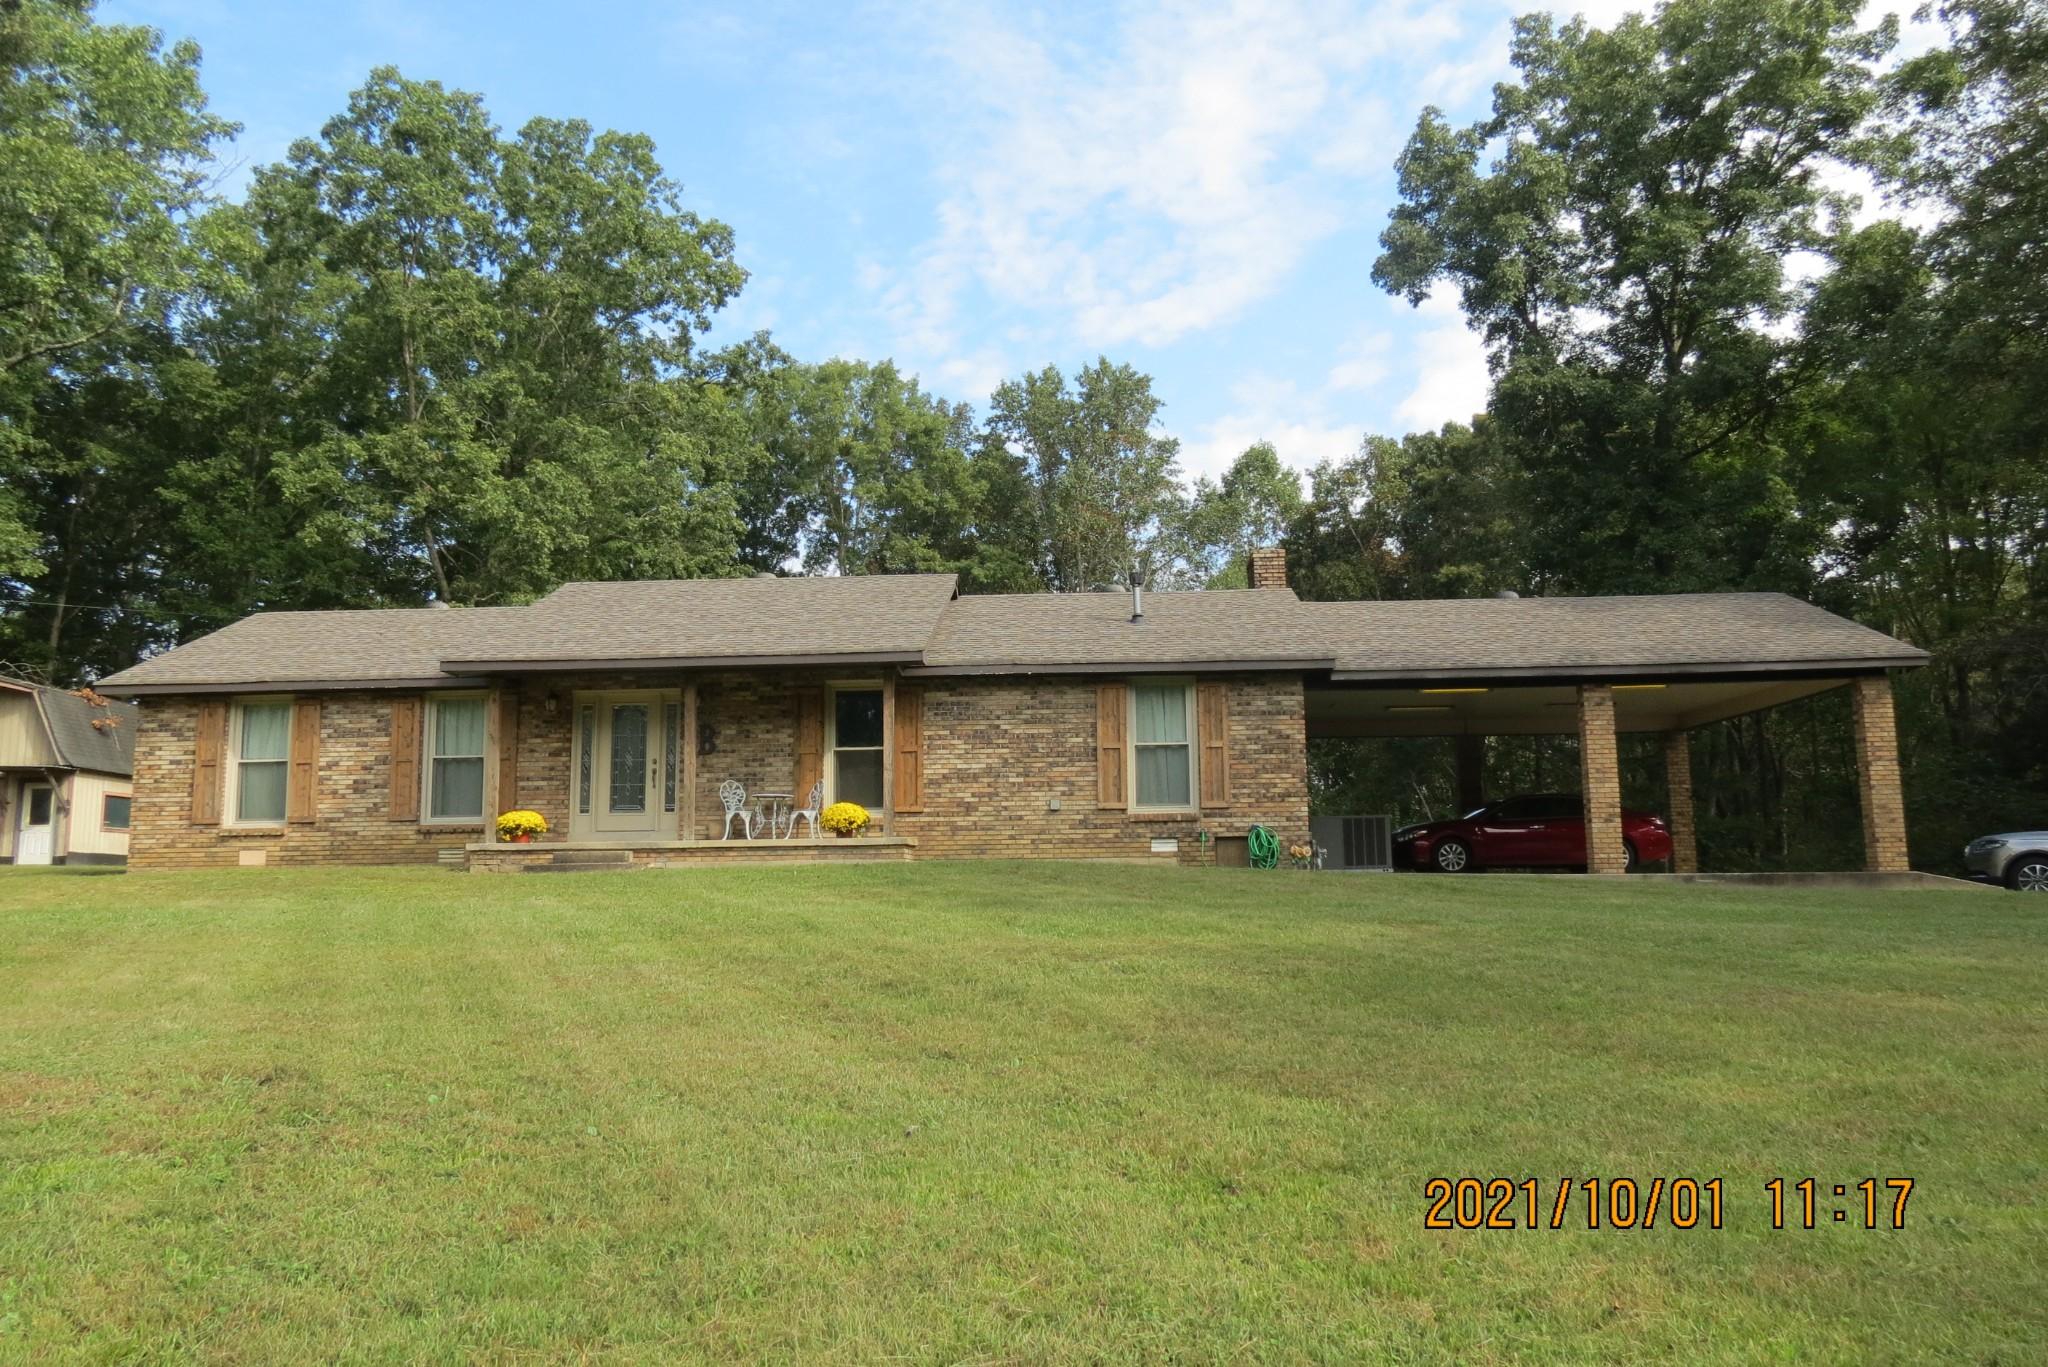 720 Arlington St, Erin, TN 37061